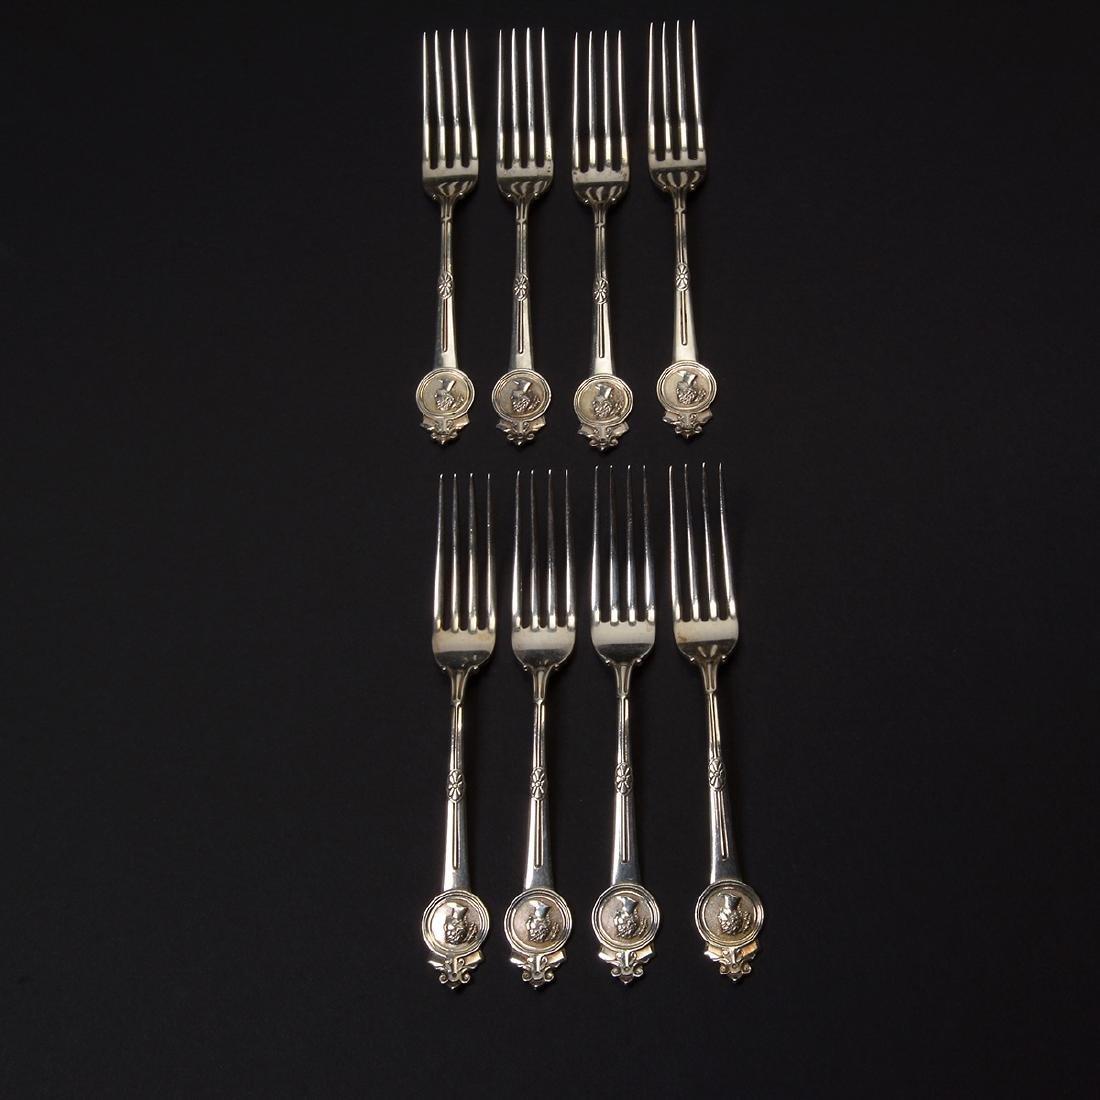 Gorham Medallion Sterling Flatware Set (111 pcs) - 8